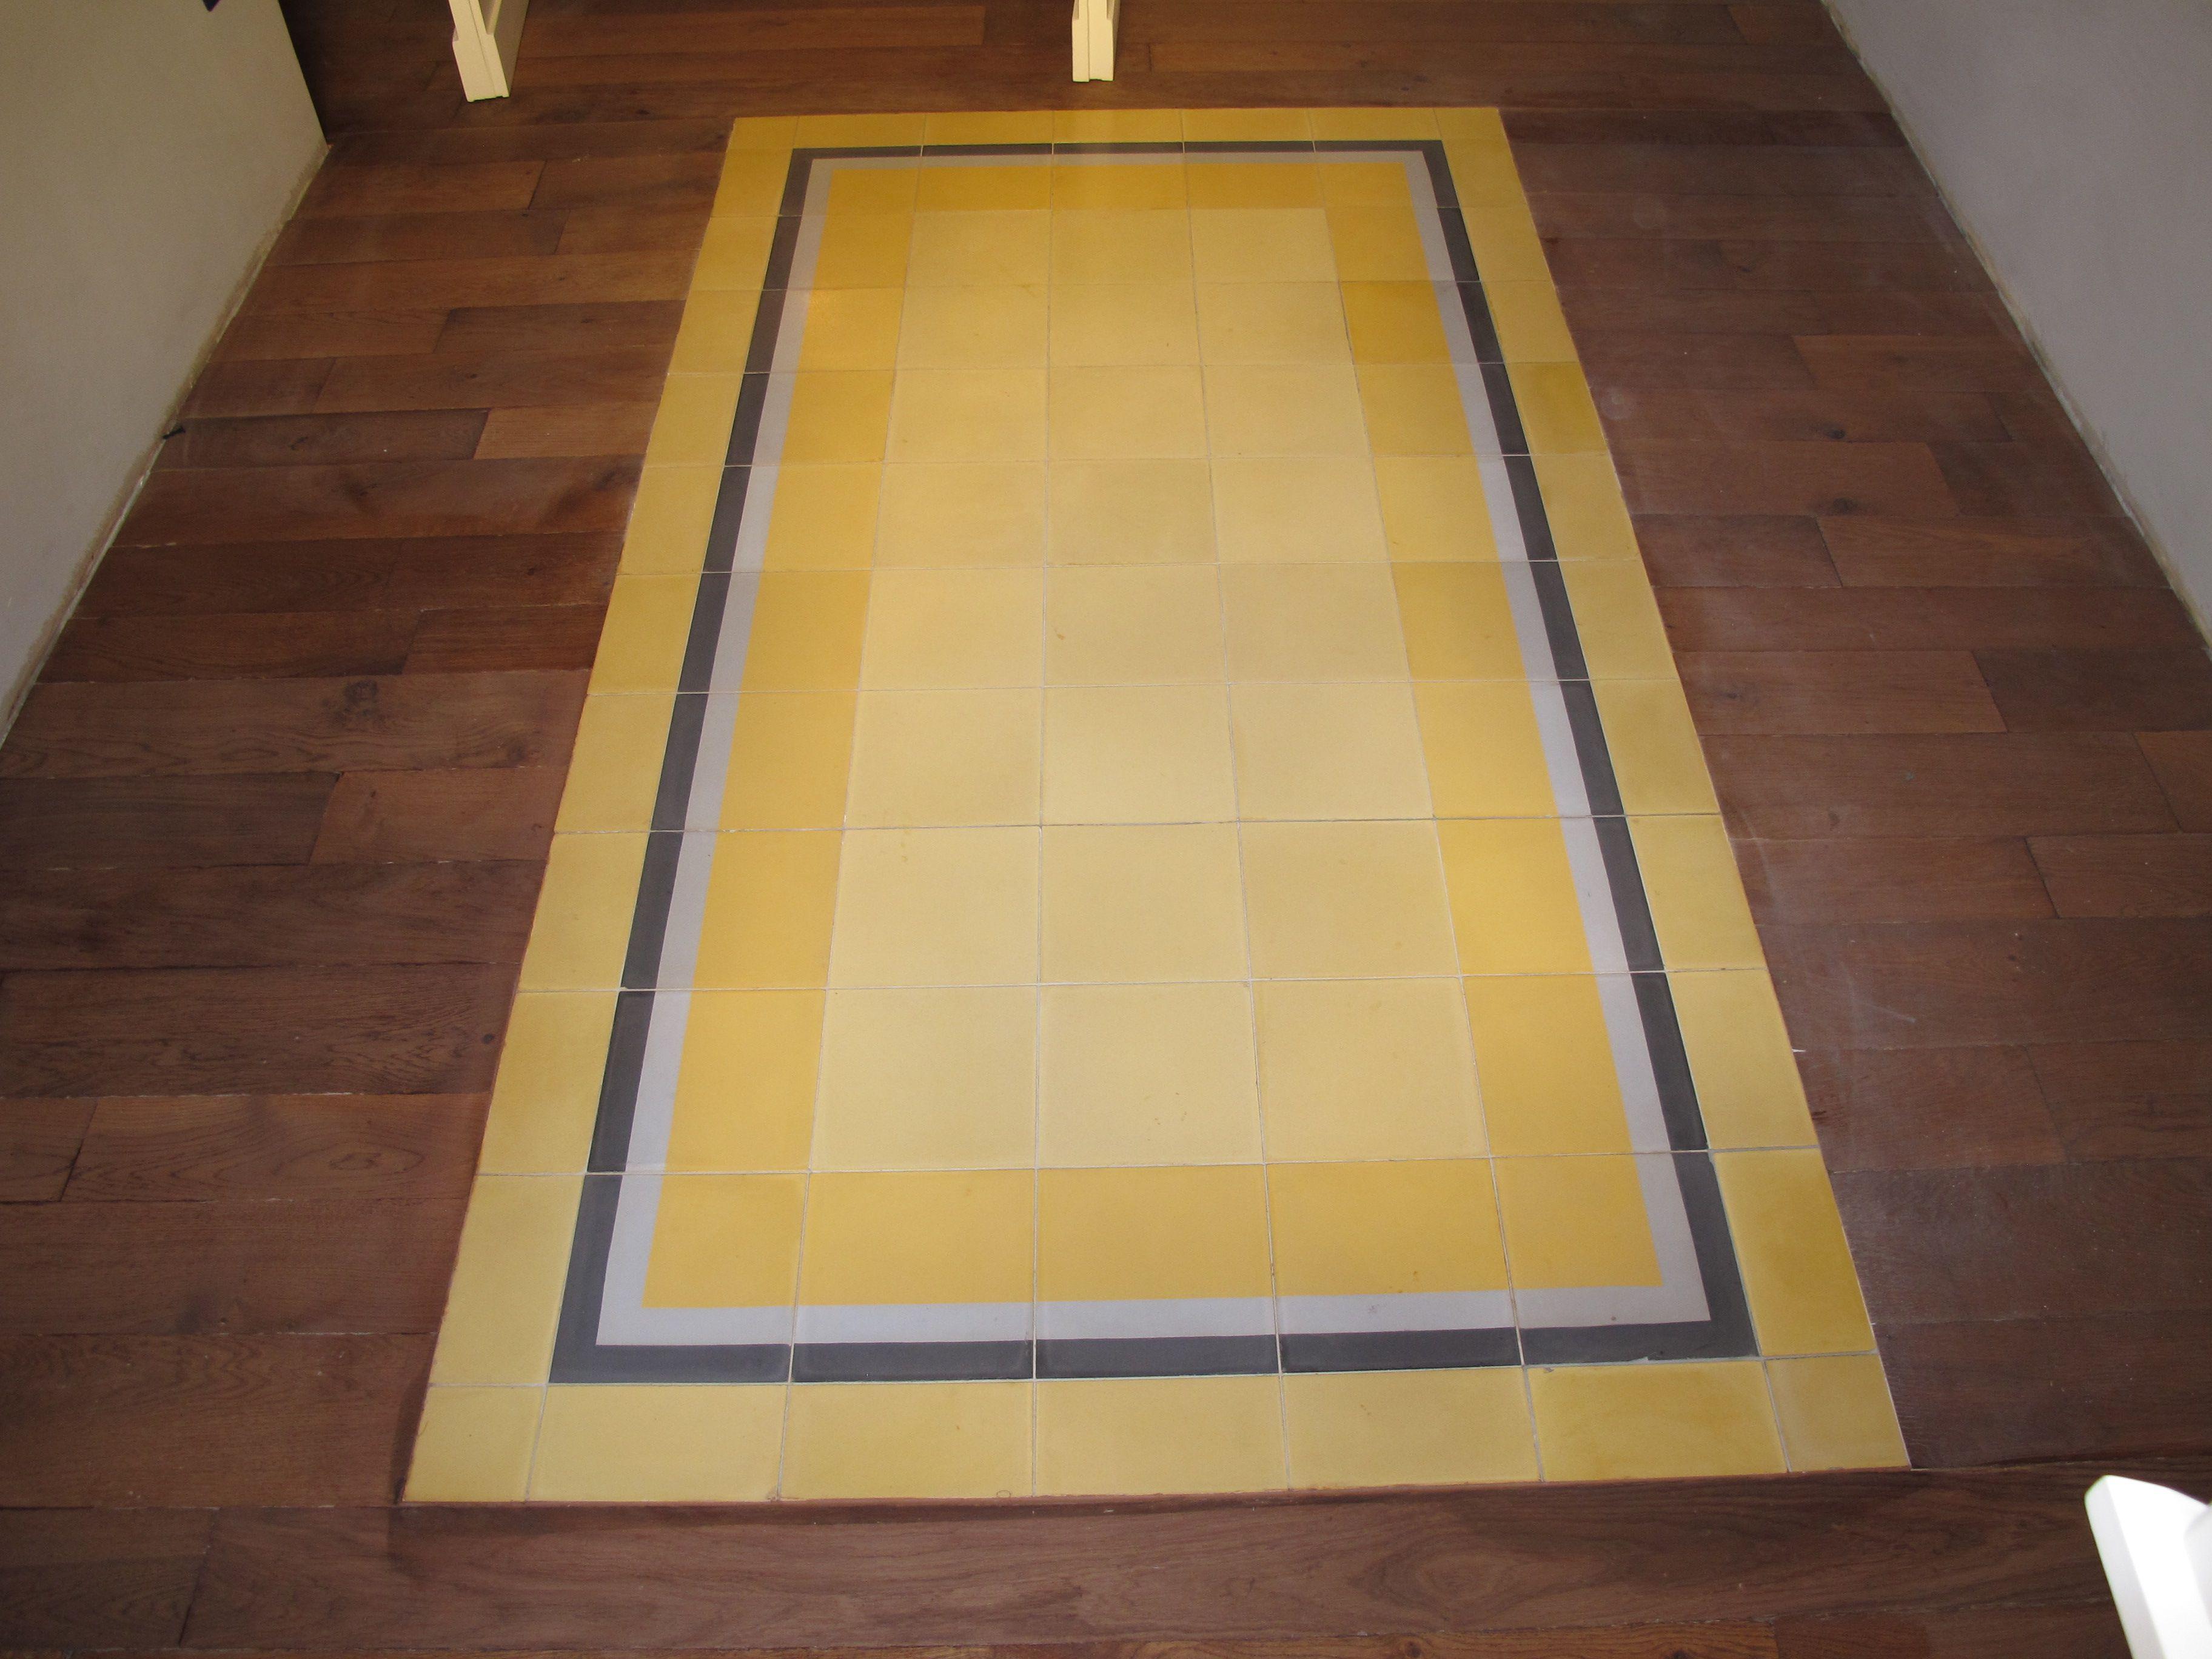 pavimento misto - legno e cementine nuove | Pavimenti Misti ...